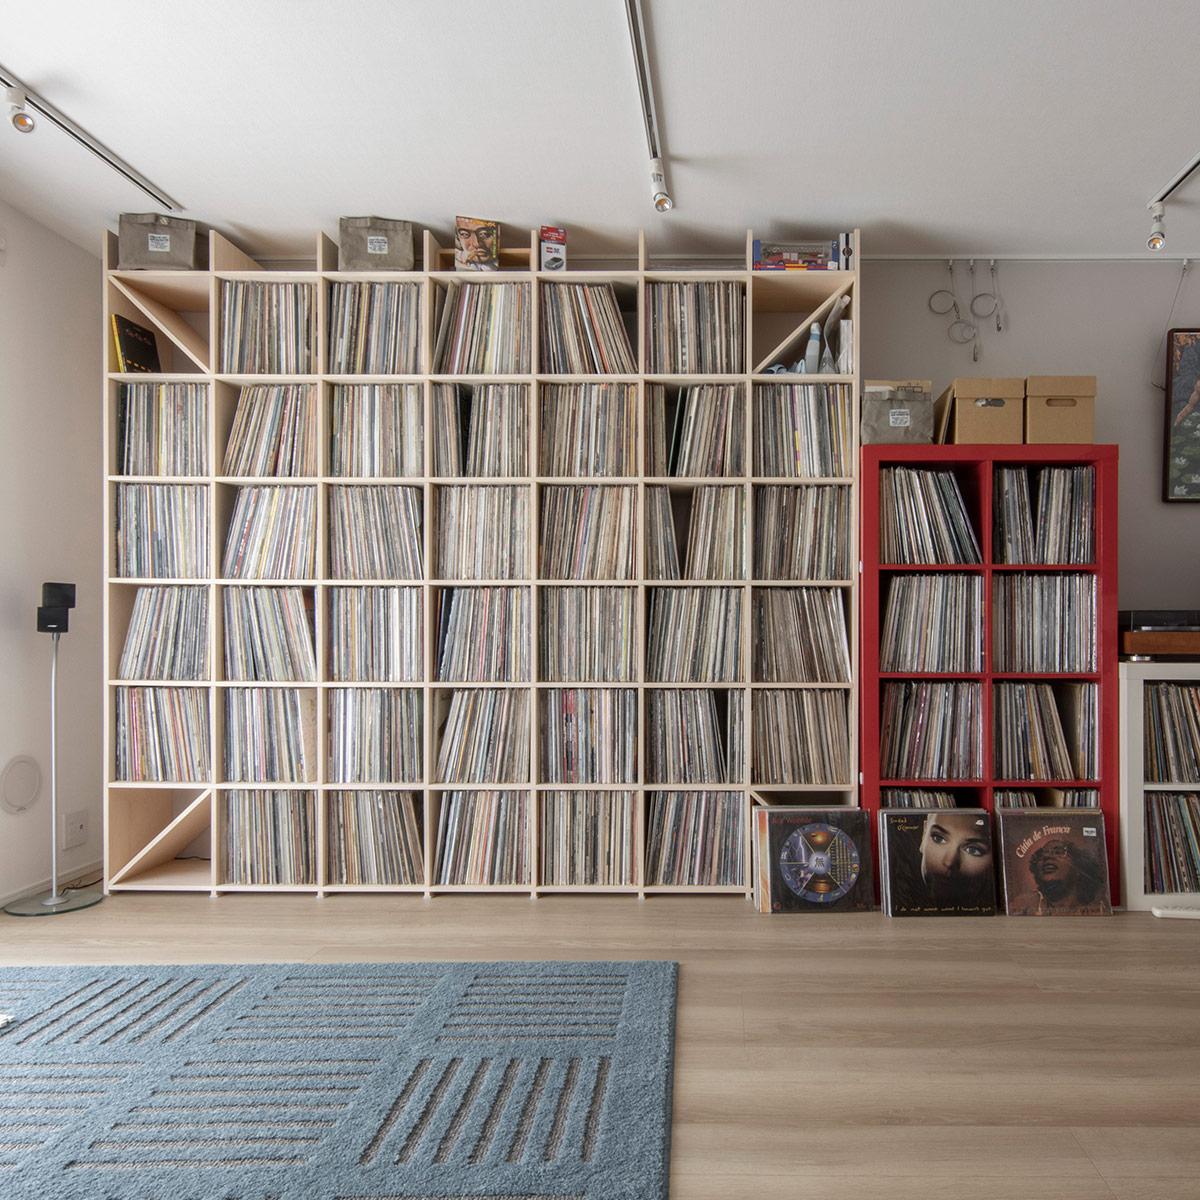 リビングの壁一面をアナログレコードで   壁一面の本棚 奥行350mm / Shelf (No.129)   マルゲリータ使用例 シンプル おしゃれ 部屋 インテリア レイアウト